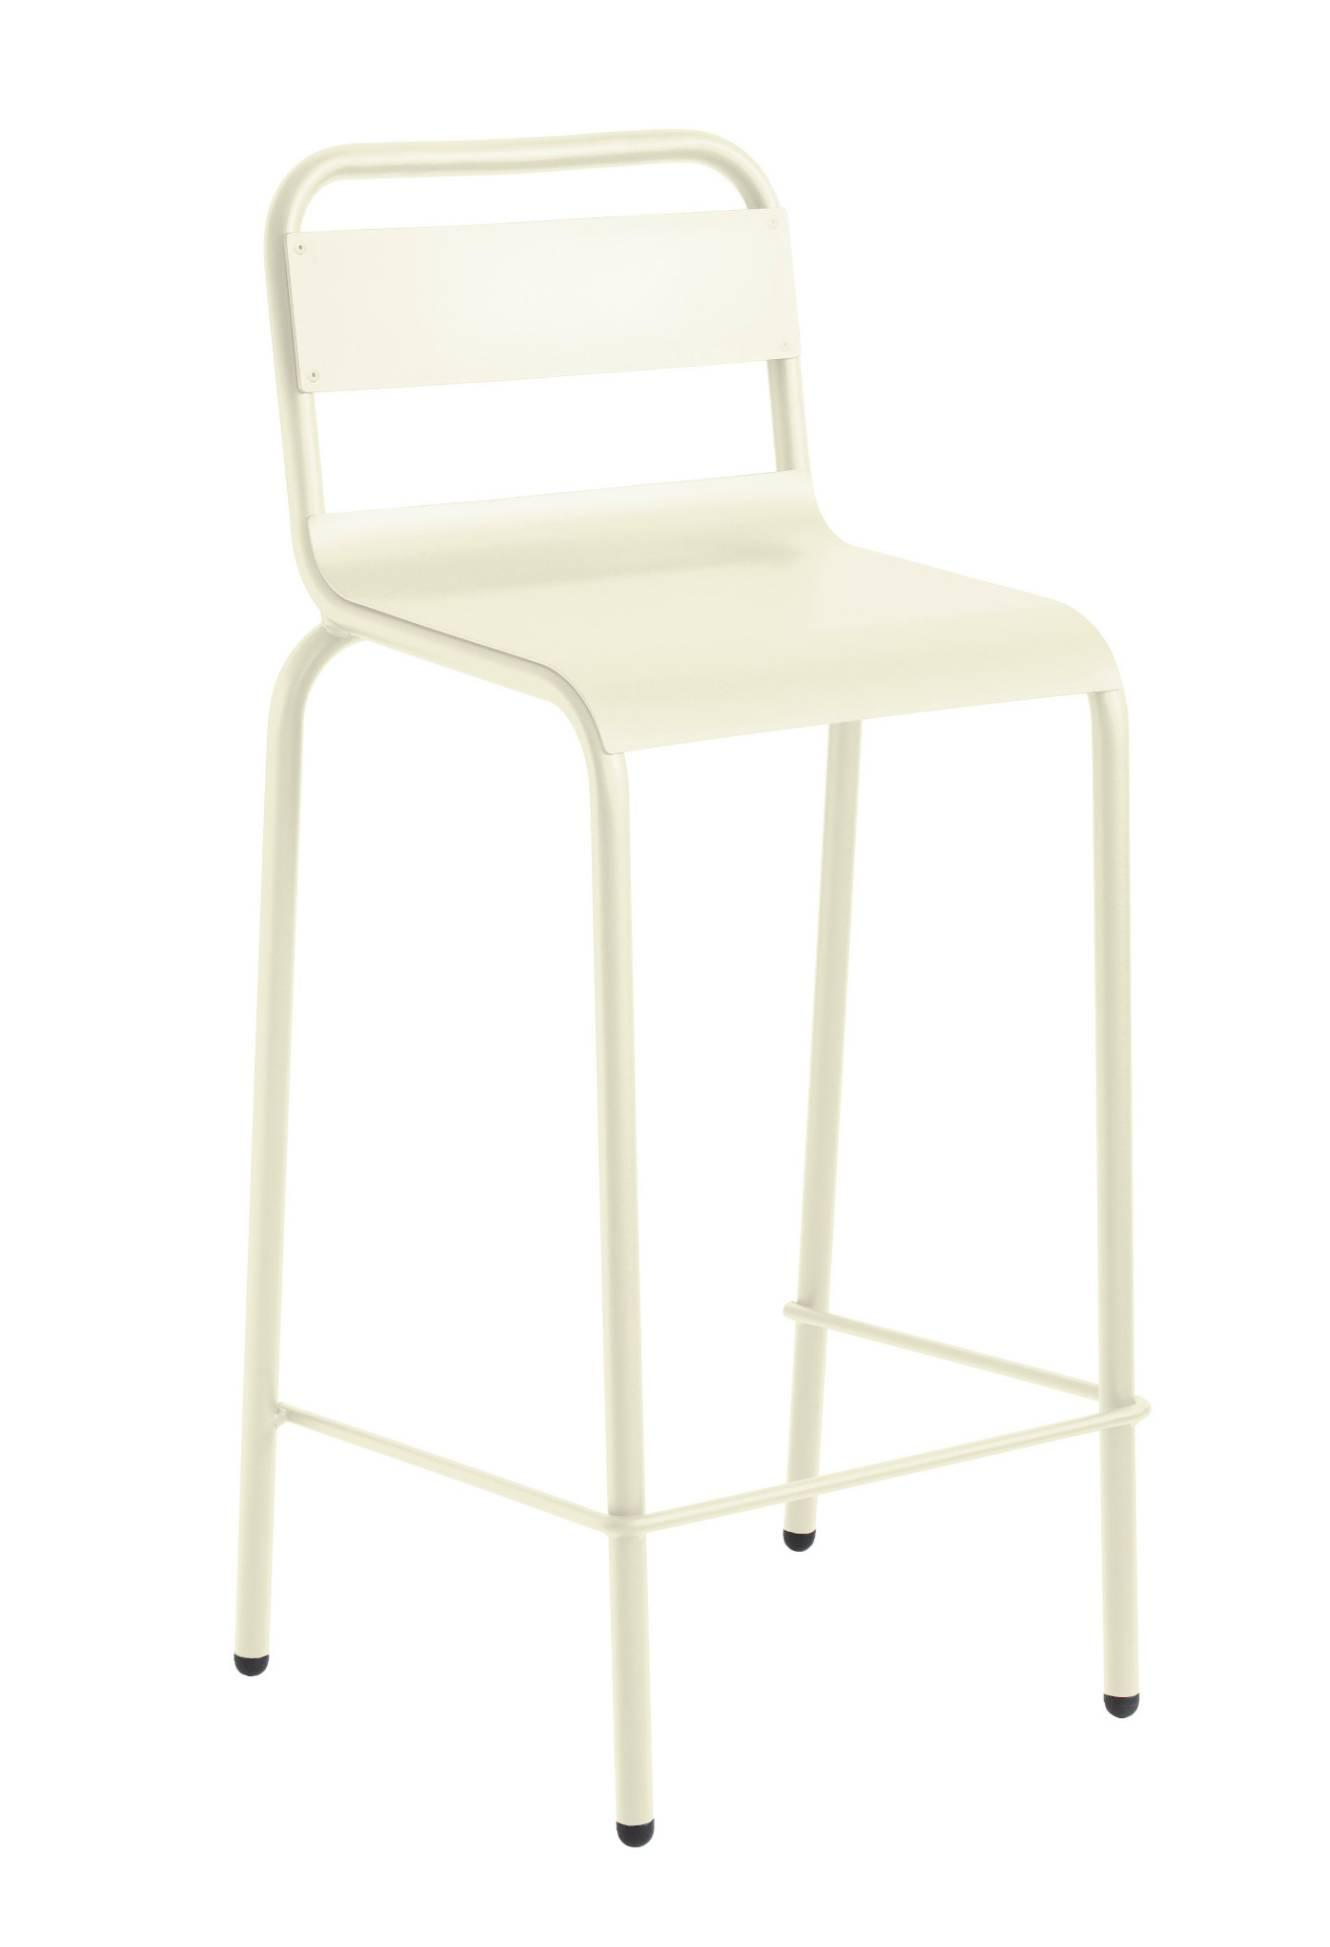 iSimar Anglet Barstuhl Design Möbel